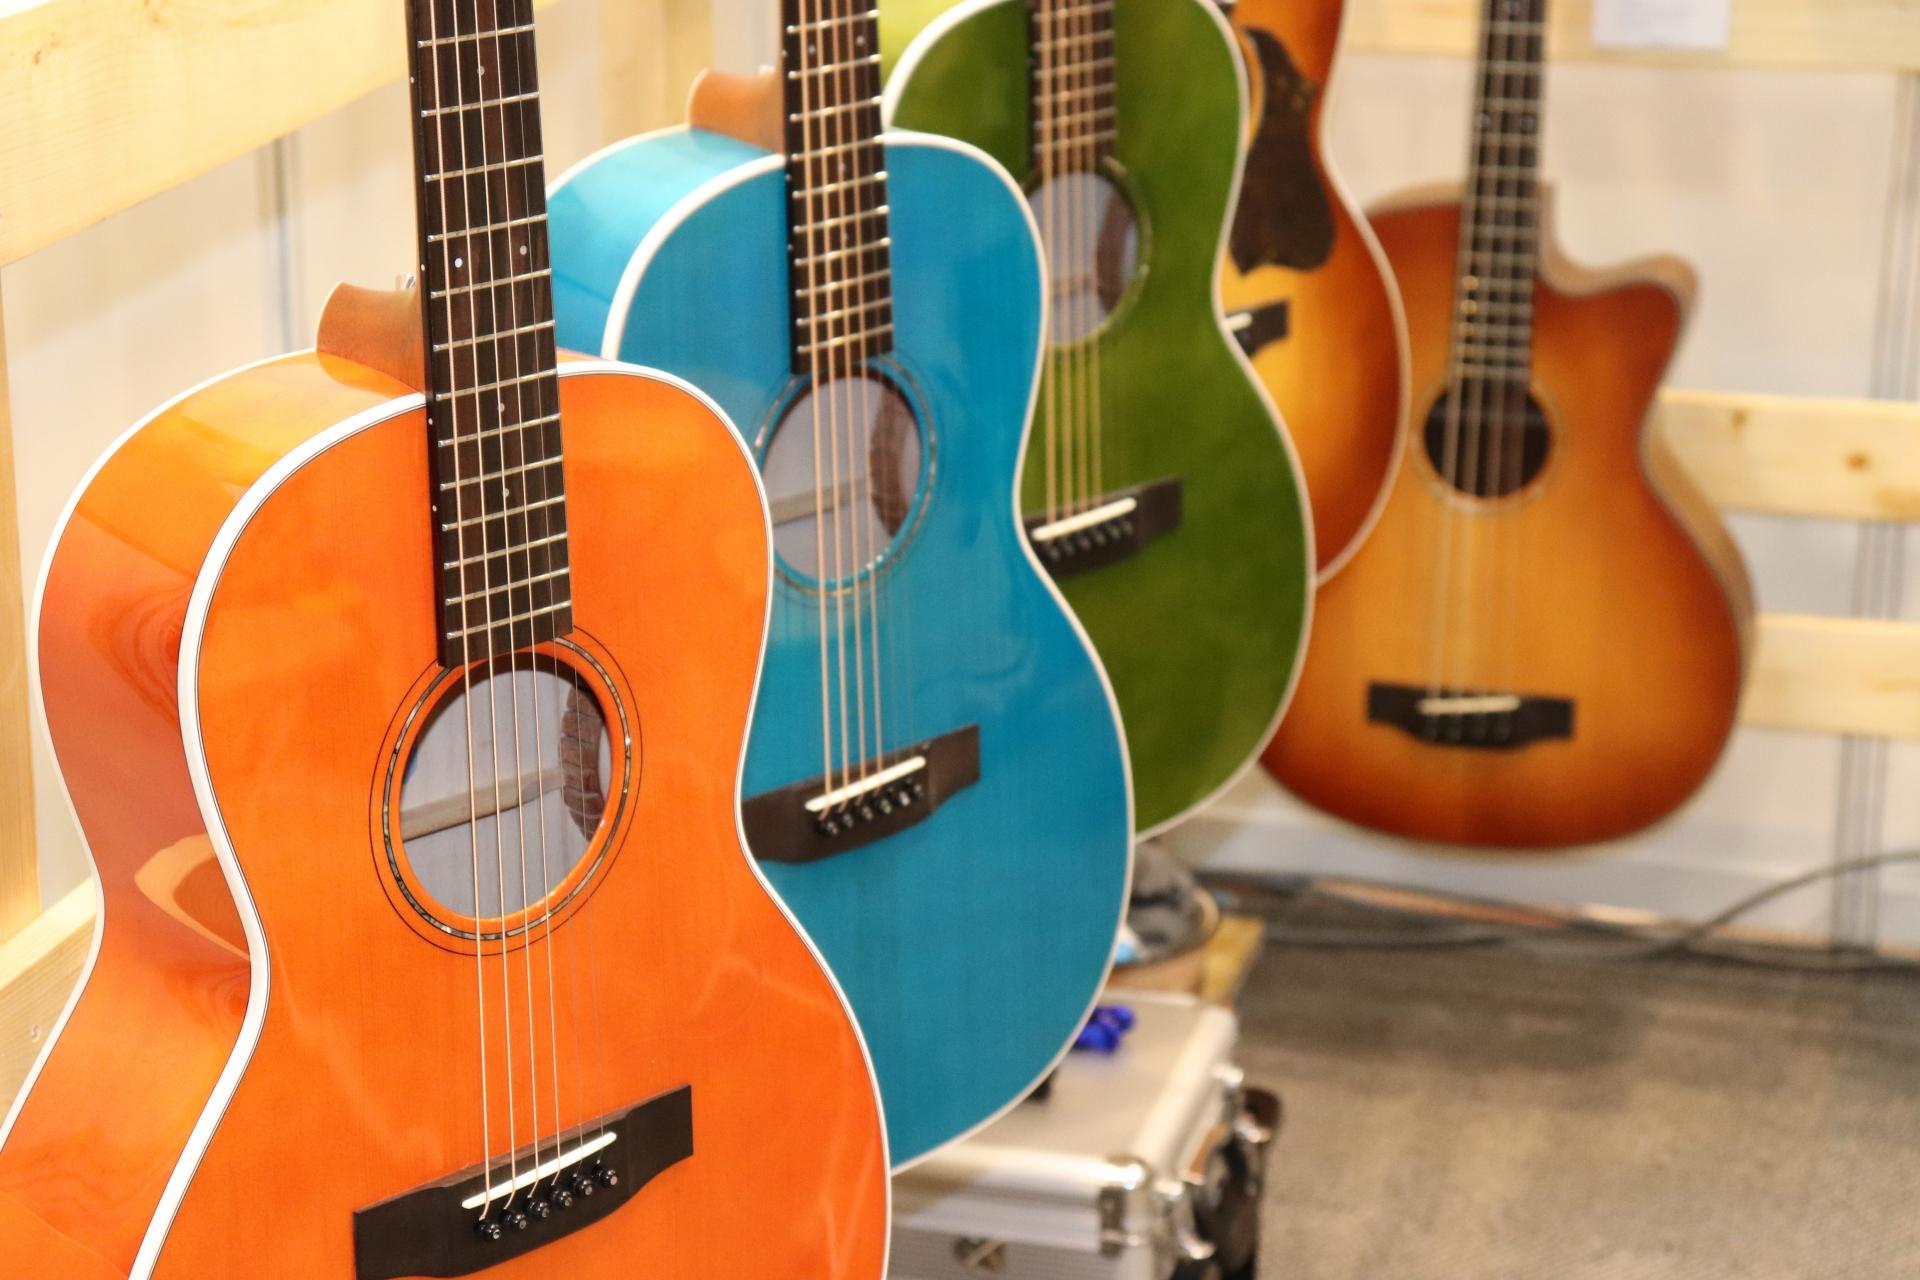 プロの講師が教える!『ギター初心者が最初に練習すべきこと』